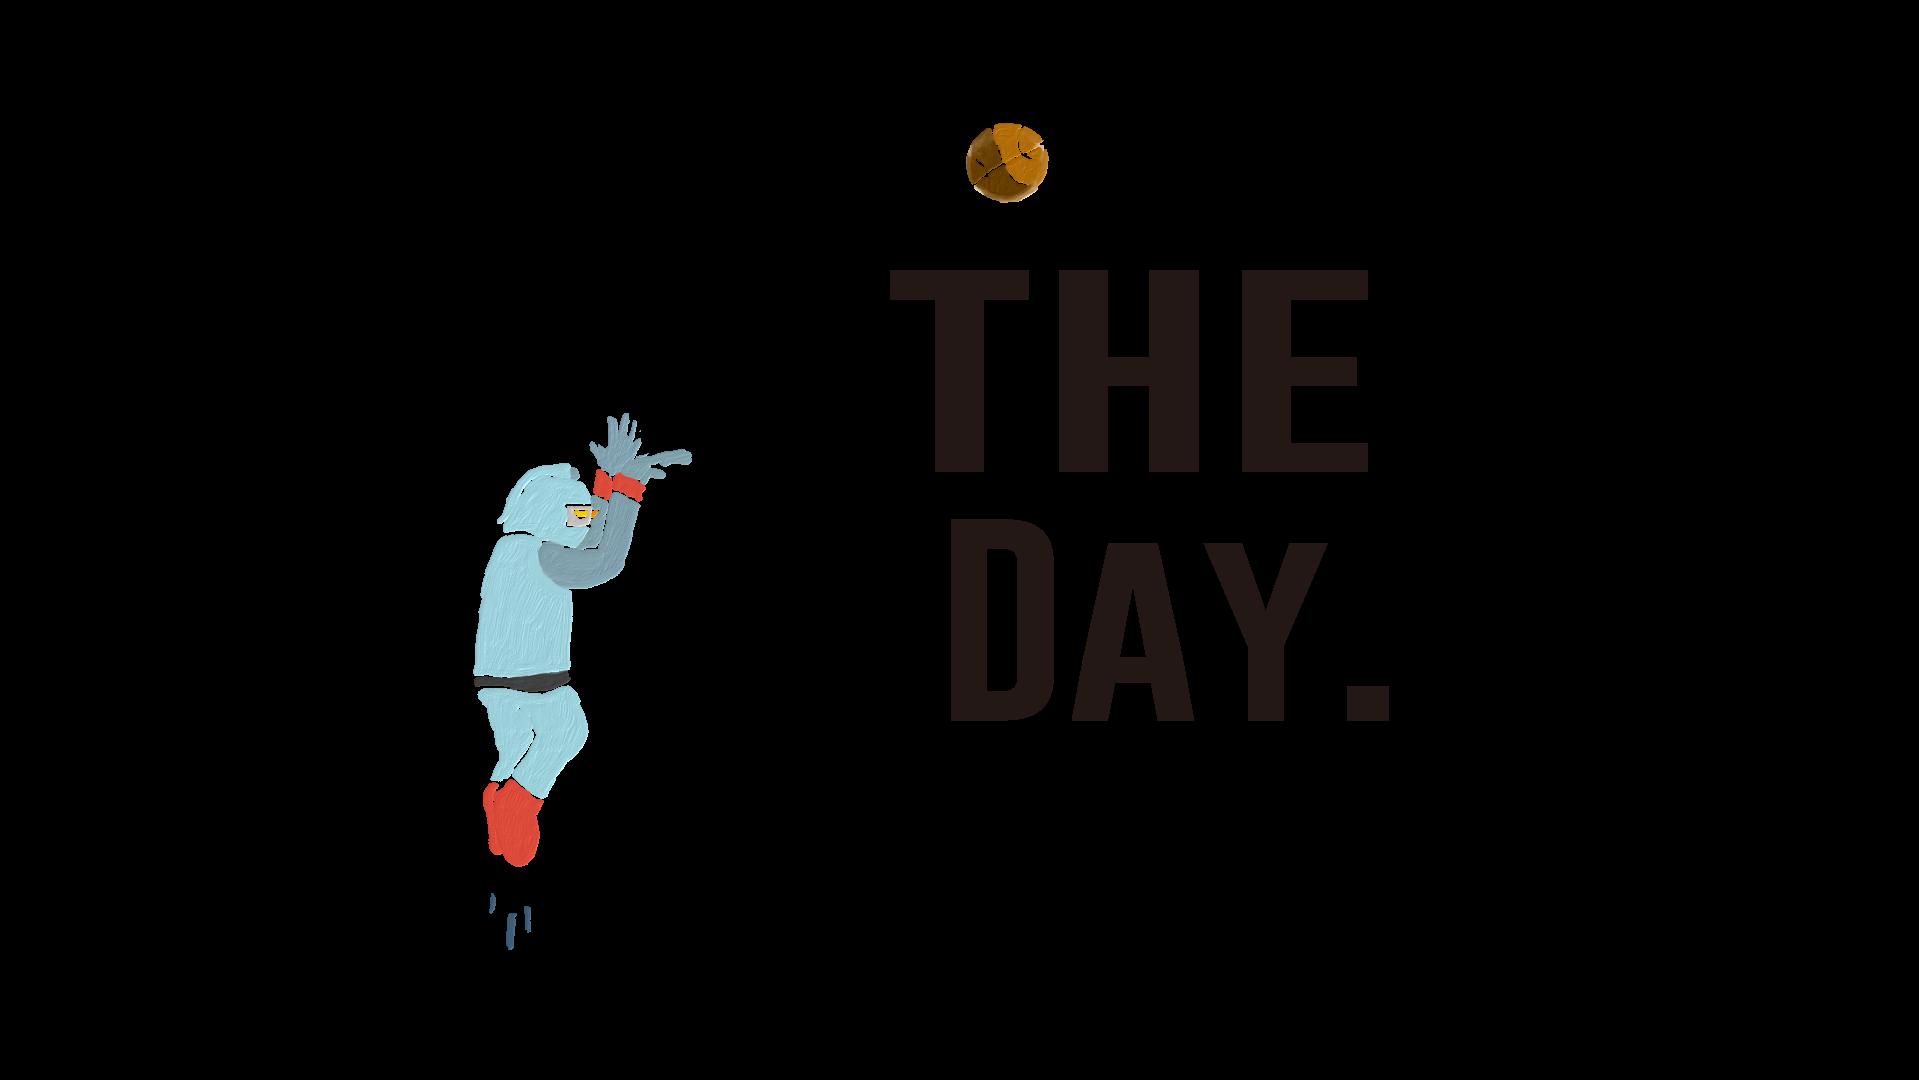 GRIN FACTORY バスケットボールウェア・グッズ専門店